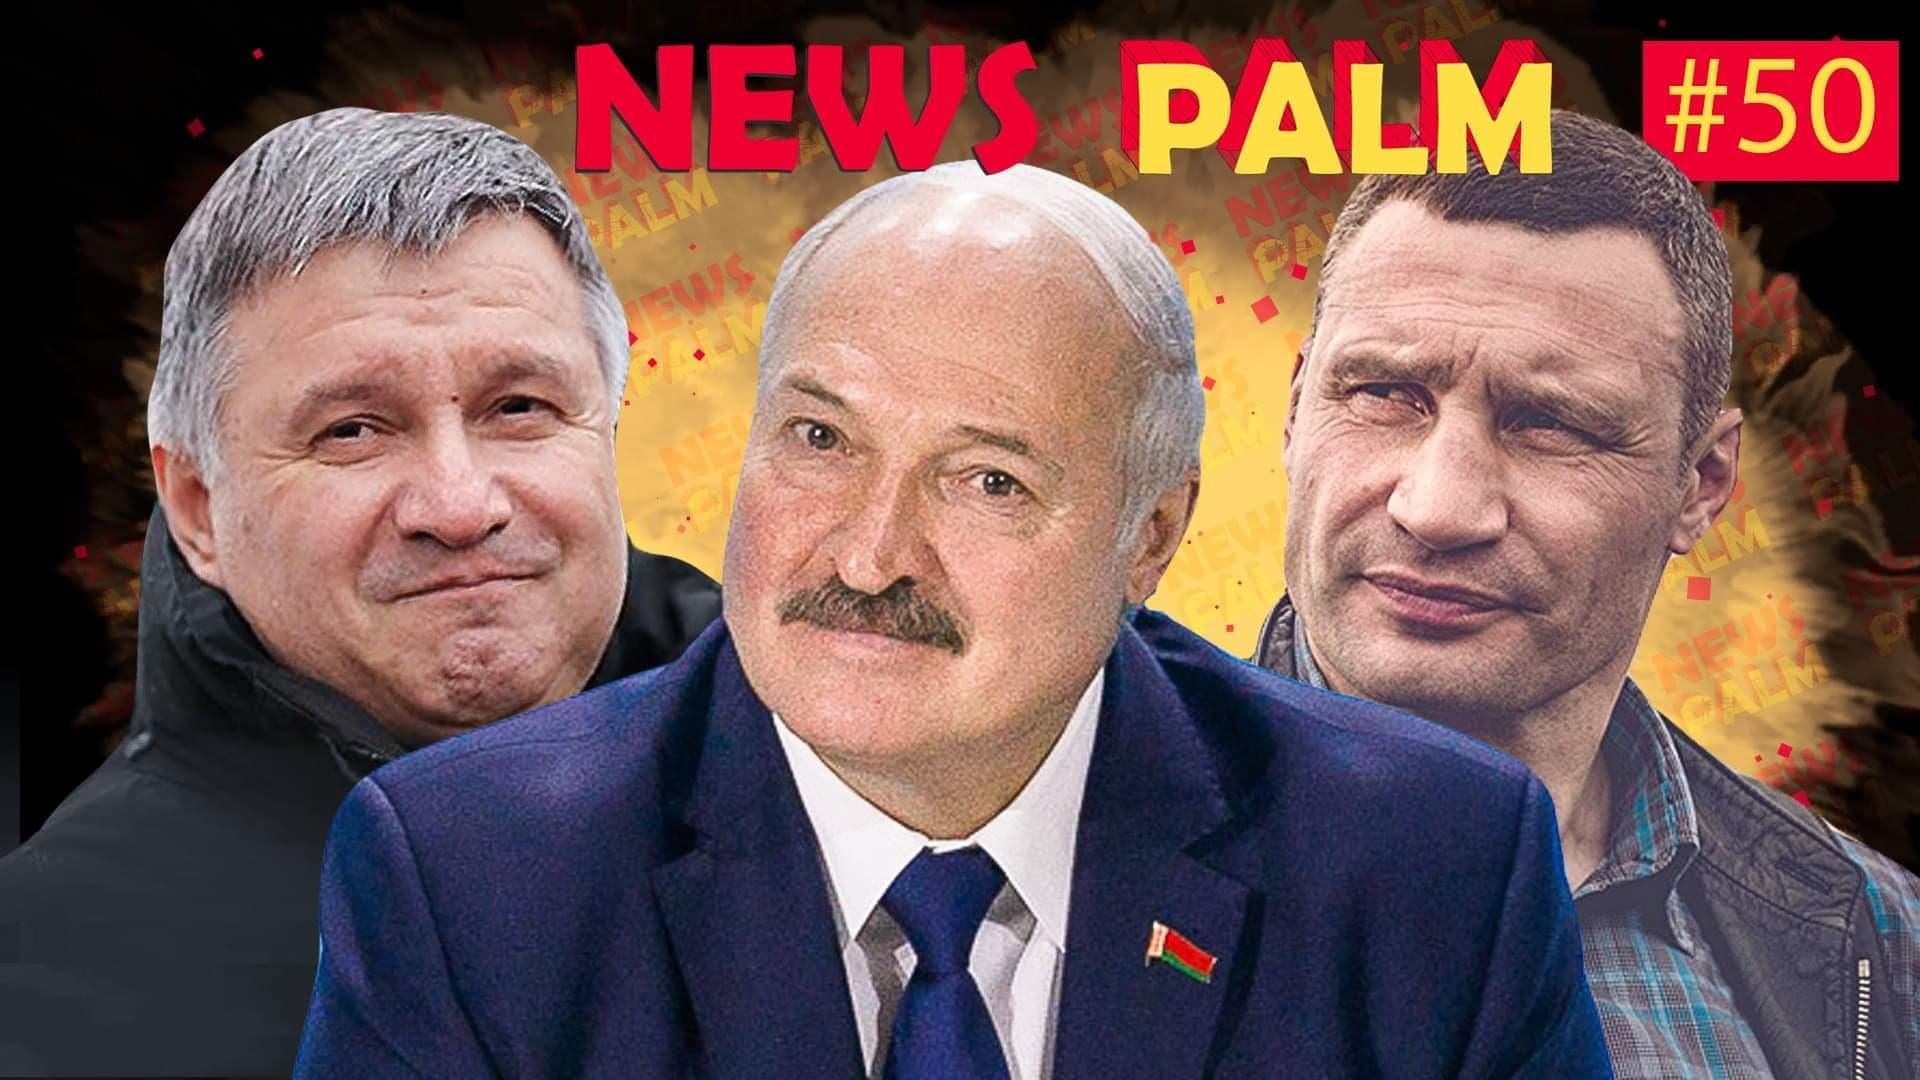 Фейки про Віталія Кличка, Лукашенко за чаркою, Аваков і доступ в інтернет / Ньюспалм #50